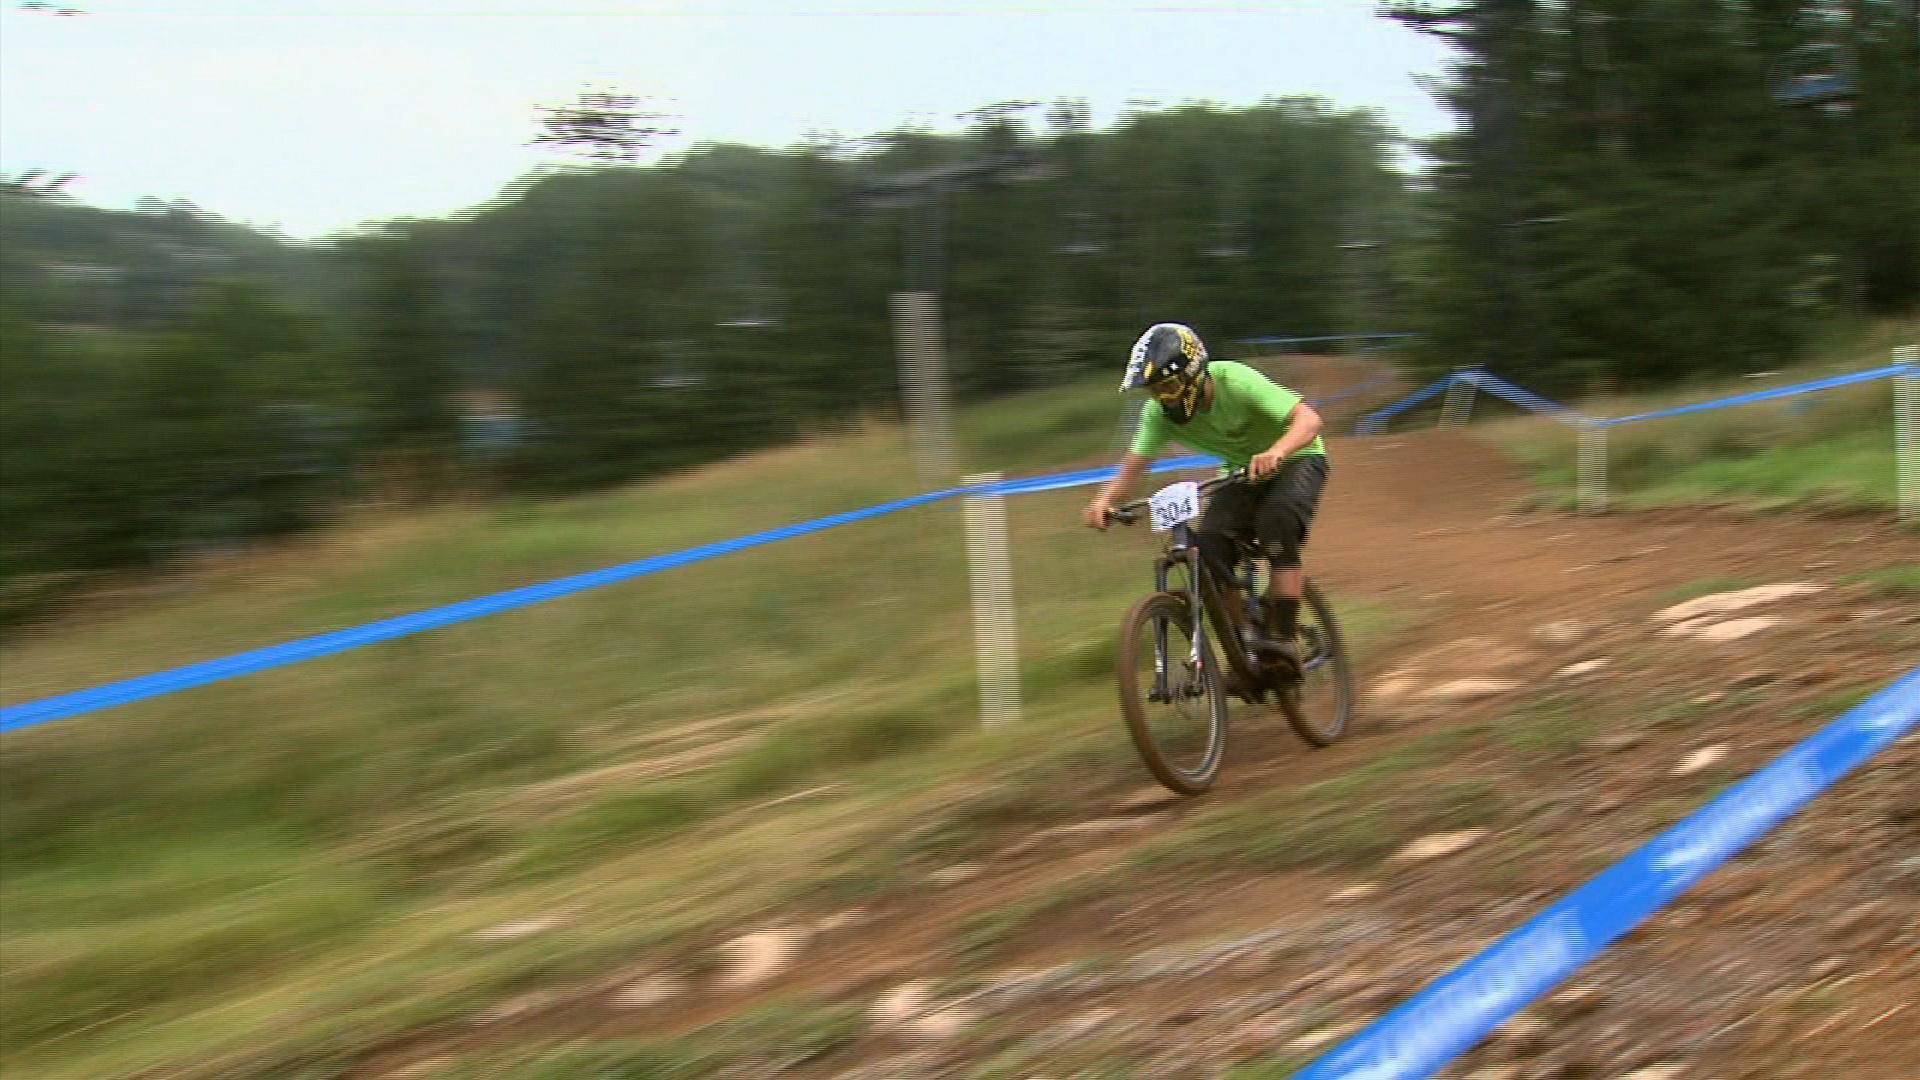 Beech Mountain Biking image